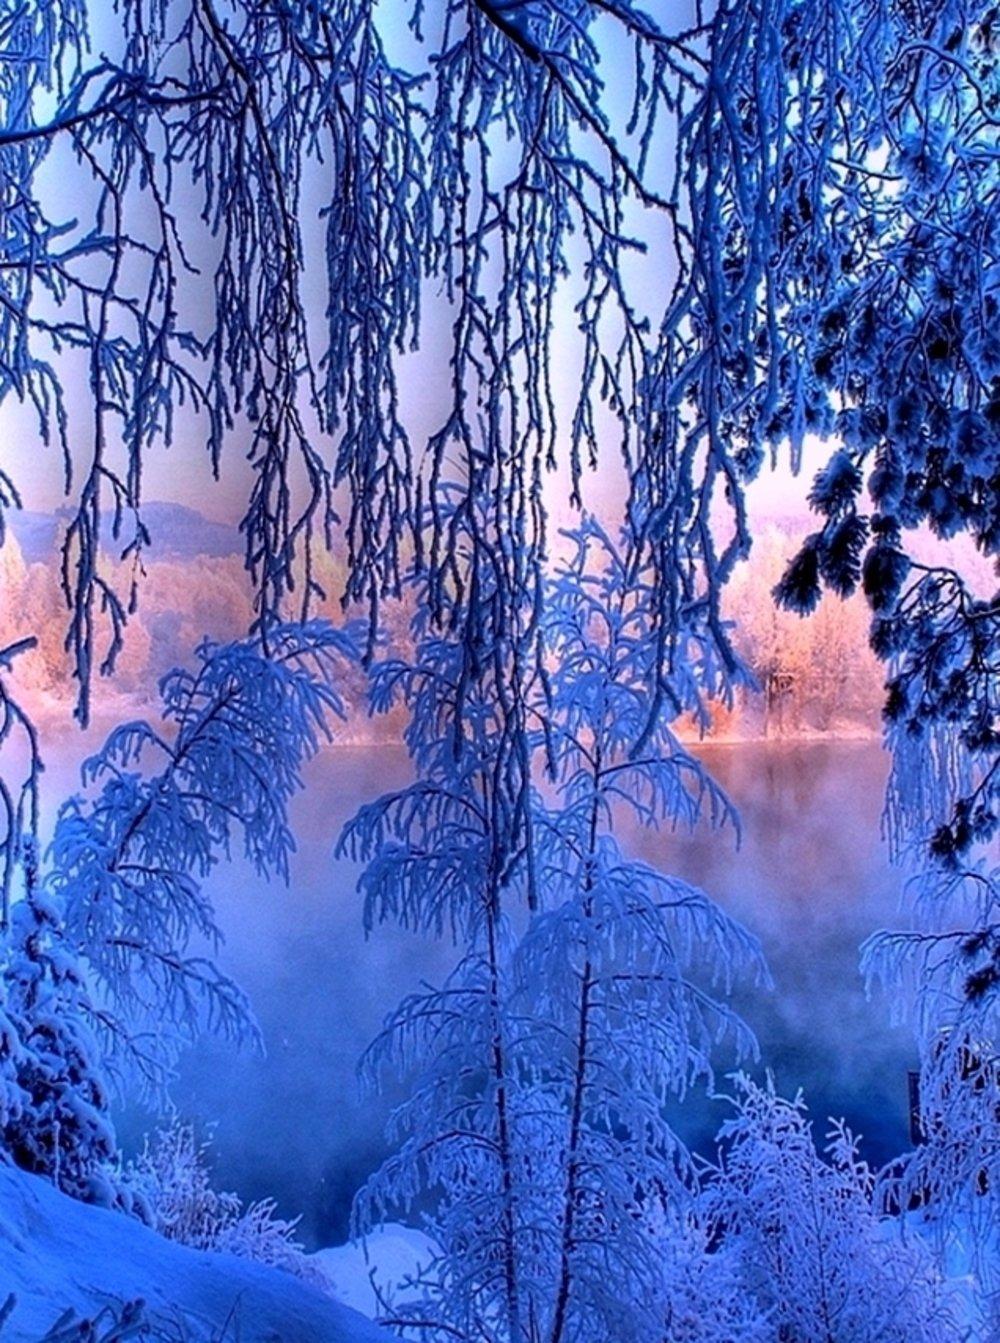 любим животных картинки зима на телефон самсунг вовремя выявить